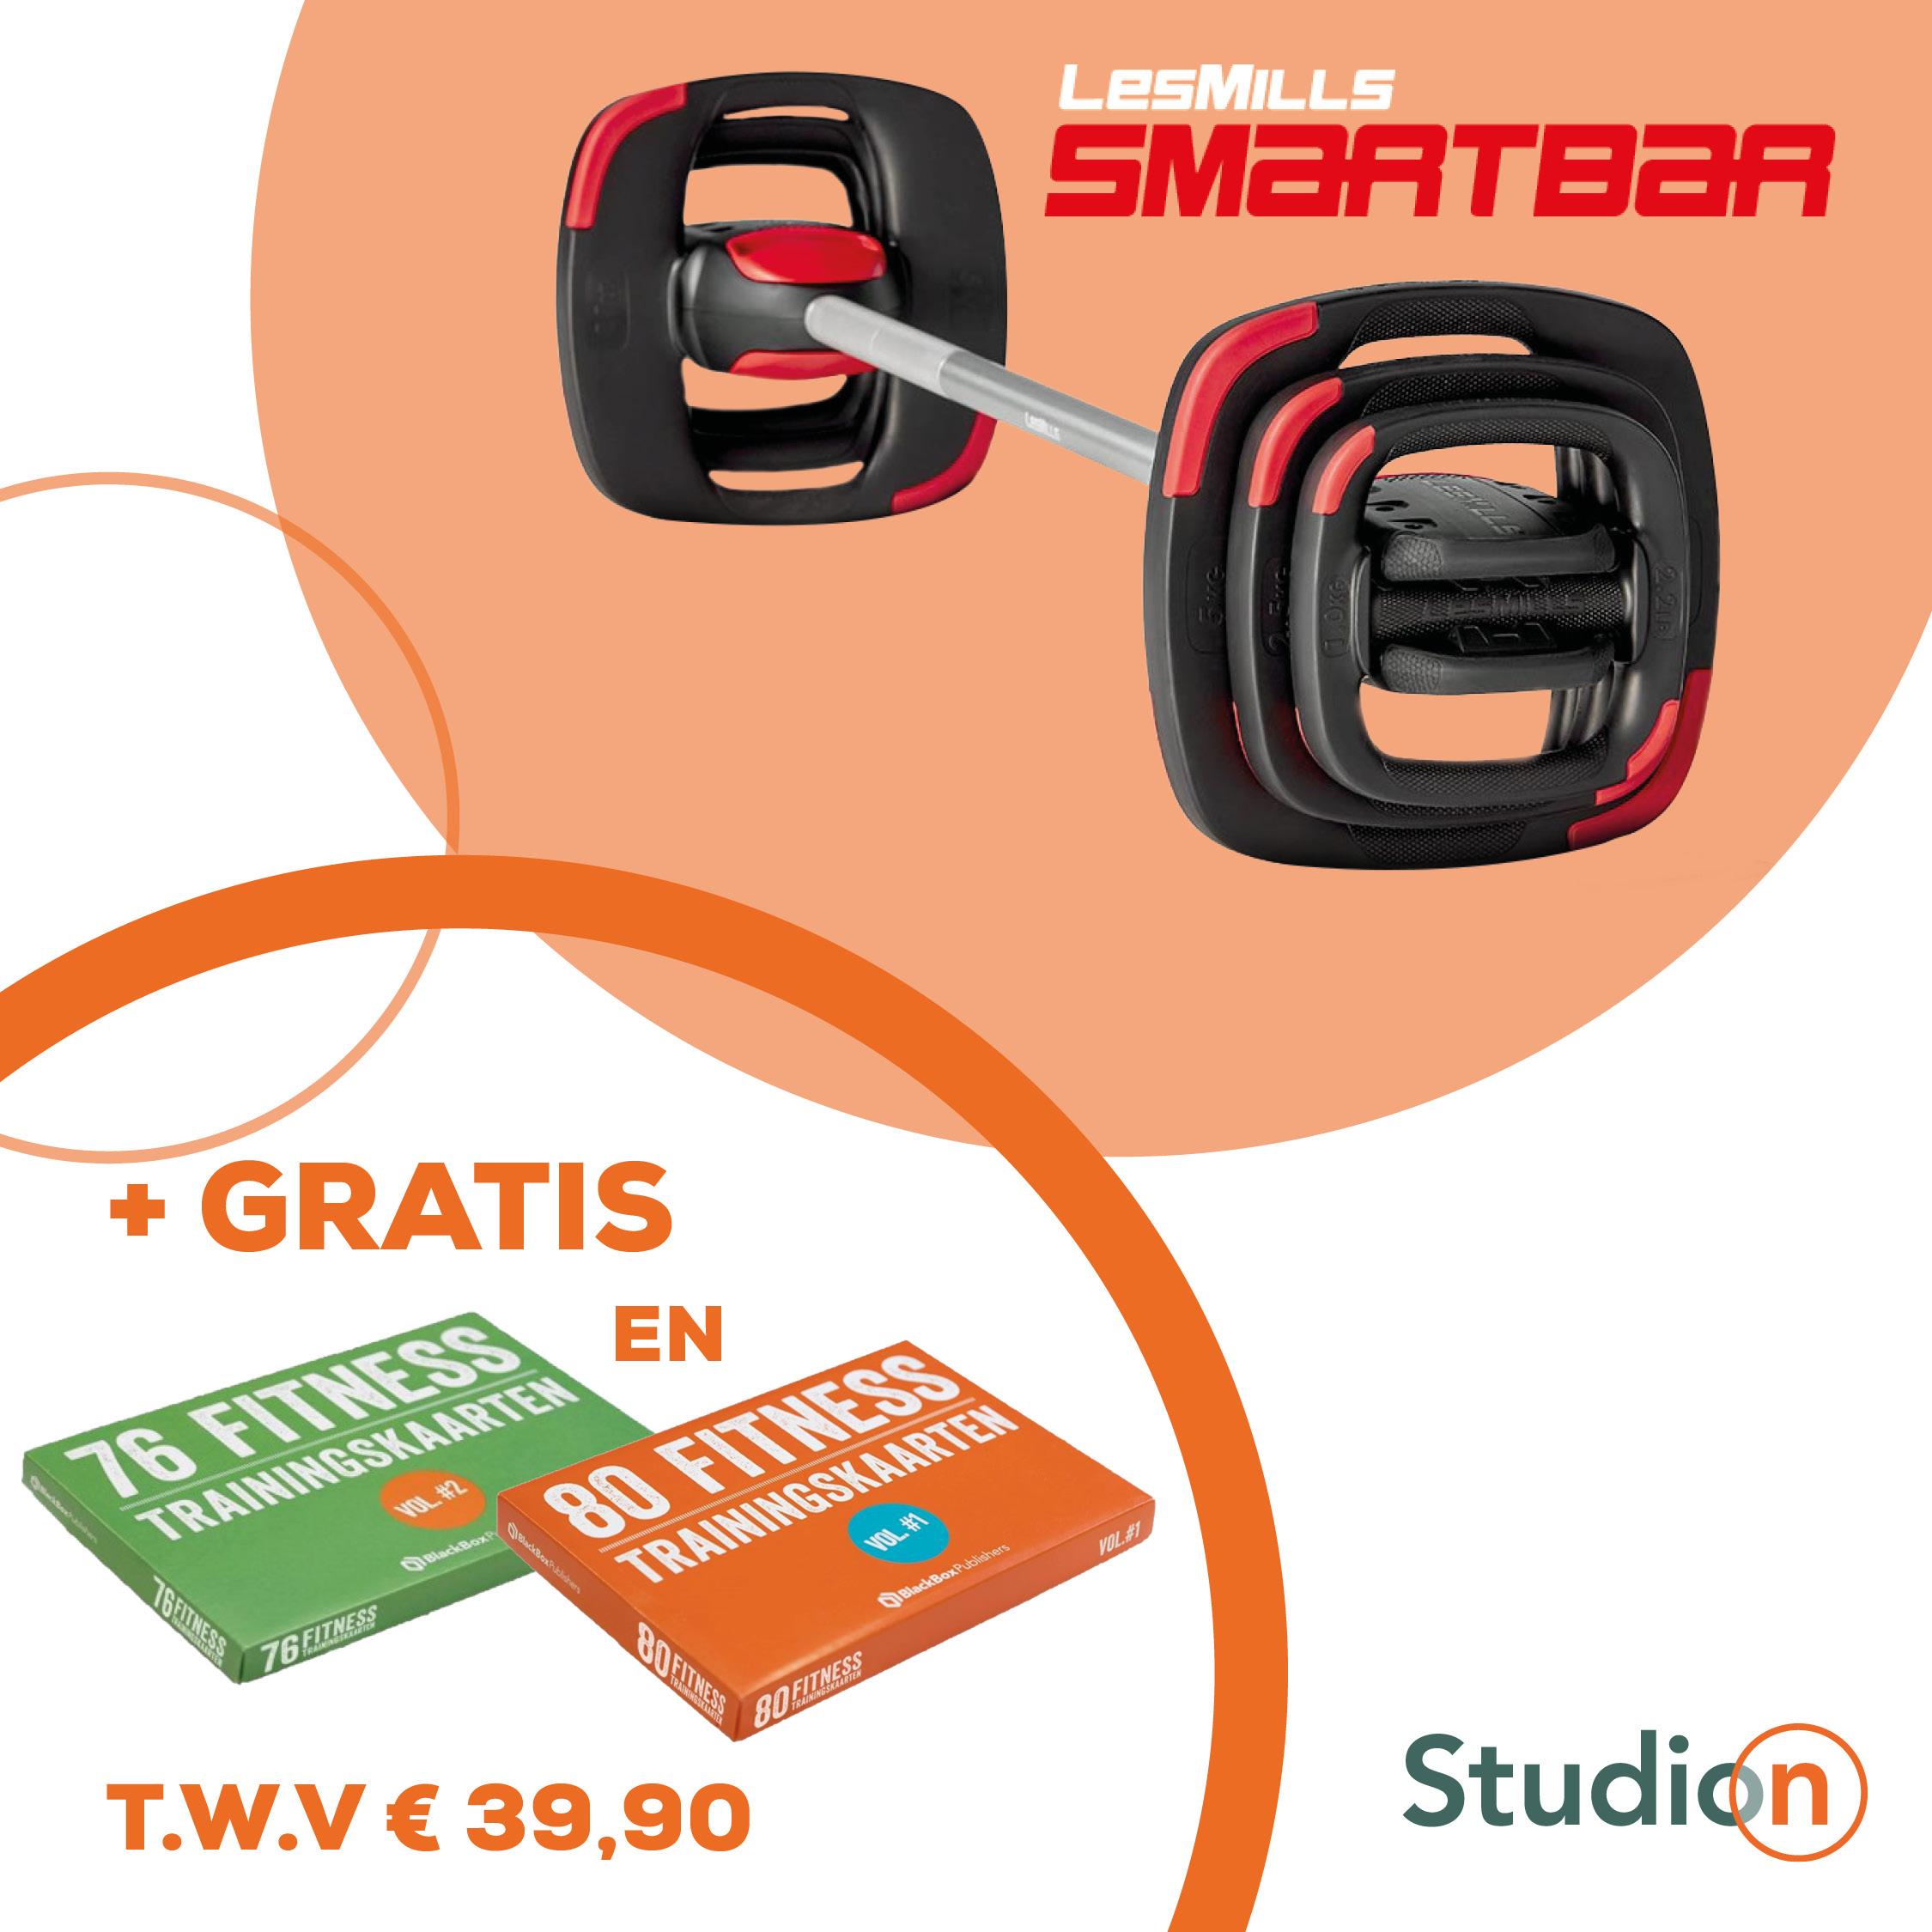 SMARTBAR 2.0 Set Inclusief Trainingskaarten